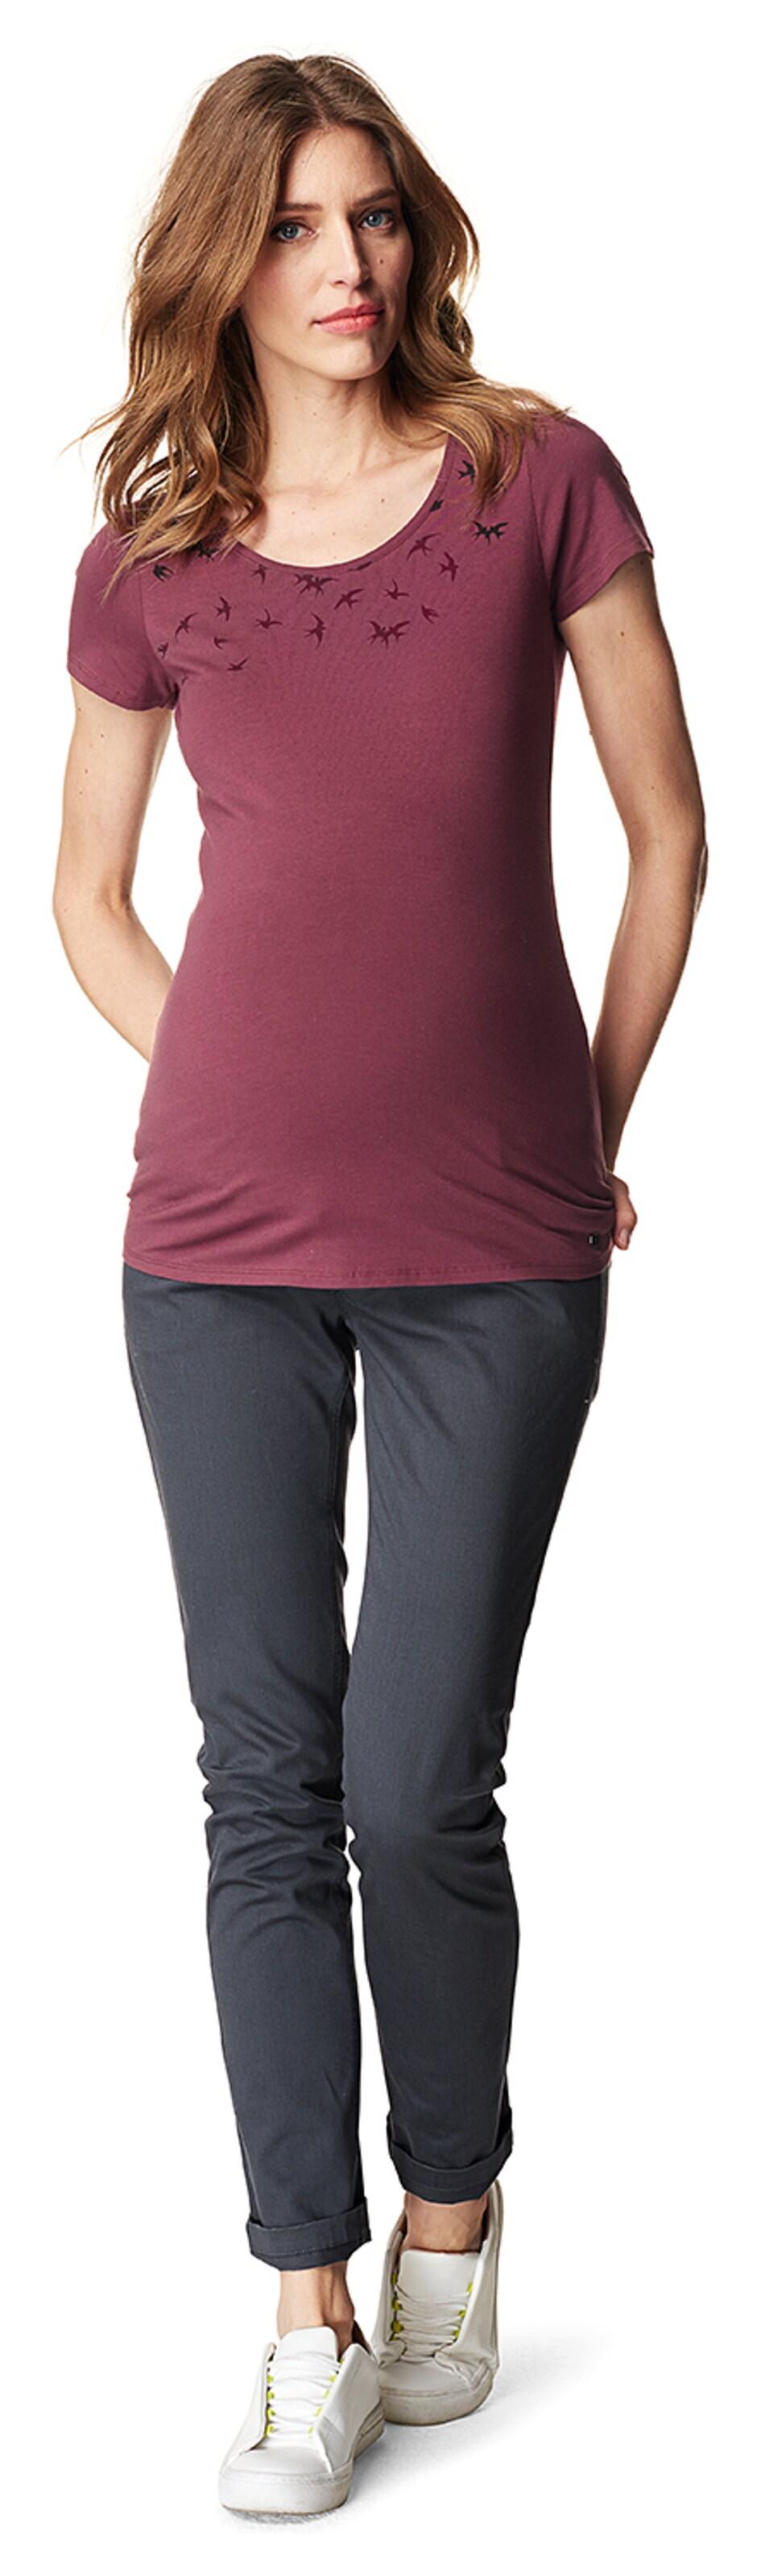 Esprit Maternity Slim Umstandshose Verkauf Footaction Freies Verschiffen 100% Authentisch Neuesten Kollektionen Günstiger Preis Verkauf Online-Shopping HVQ2R